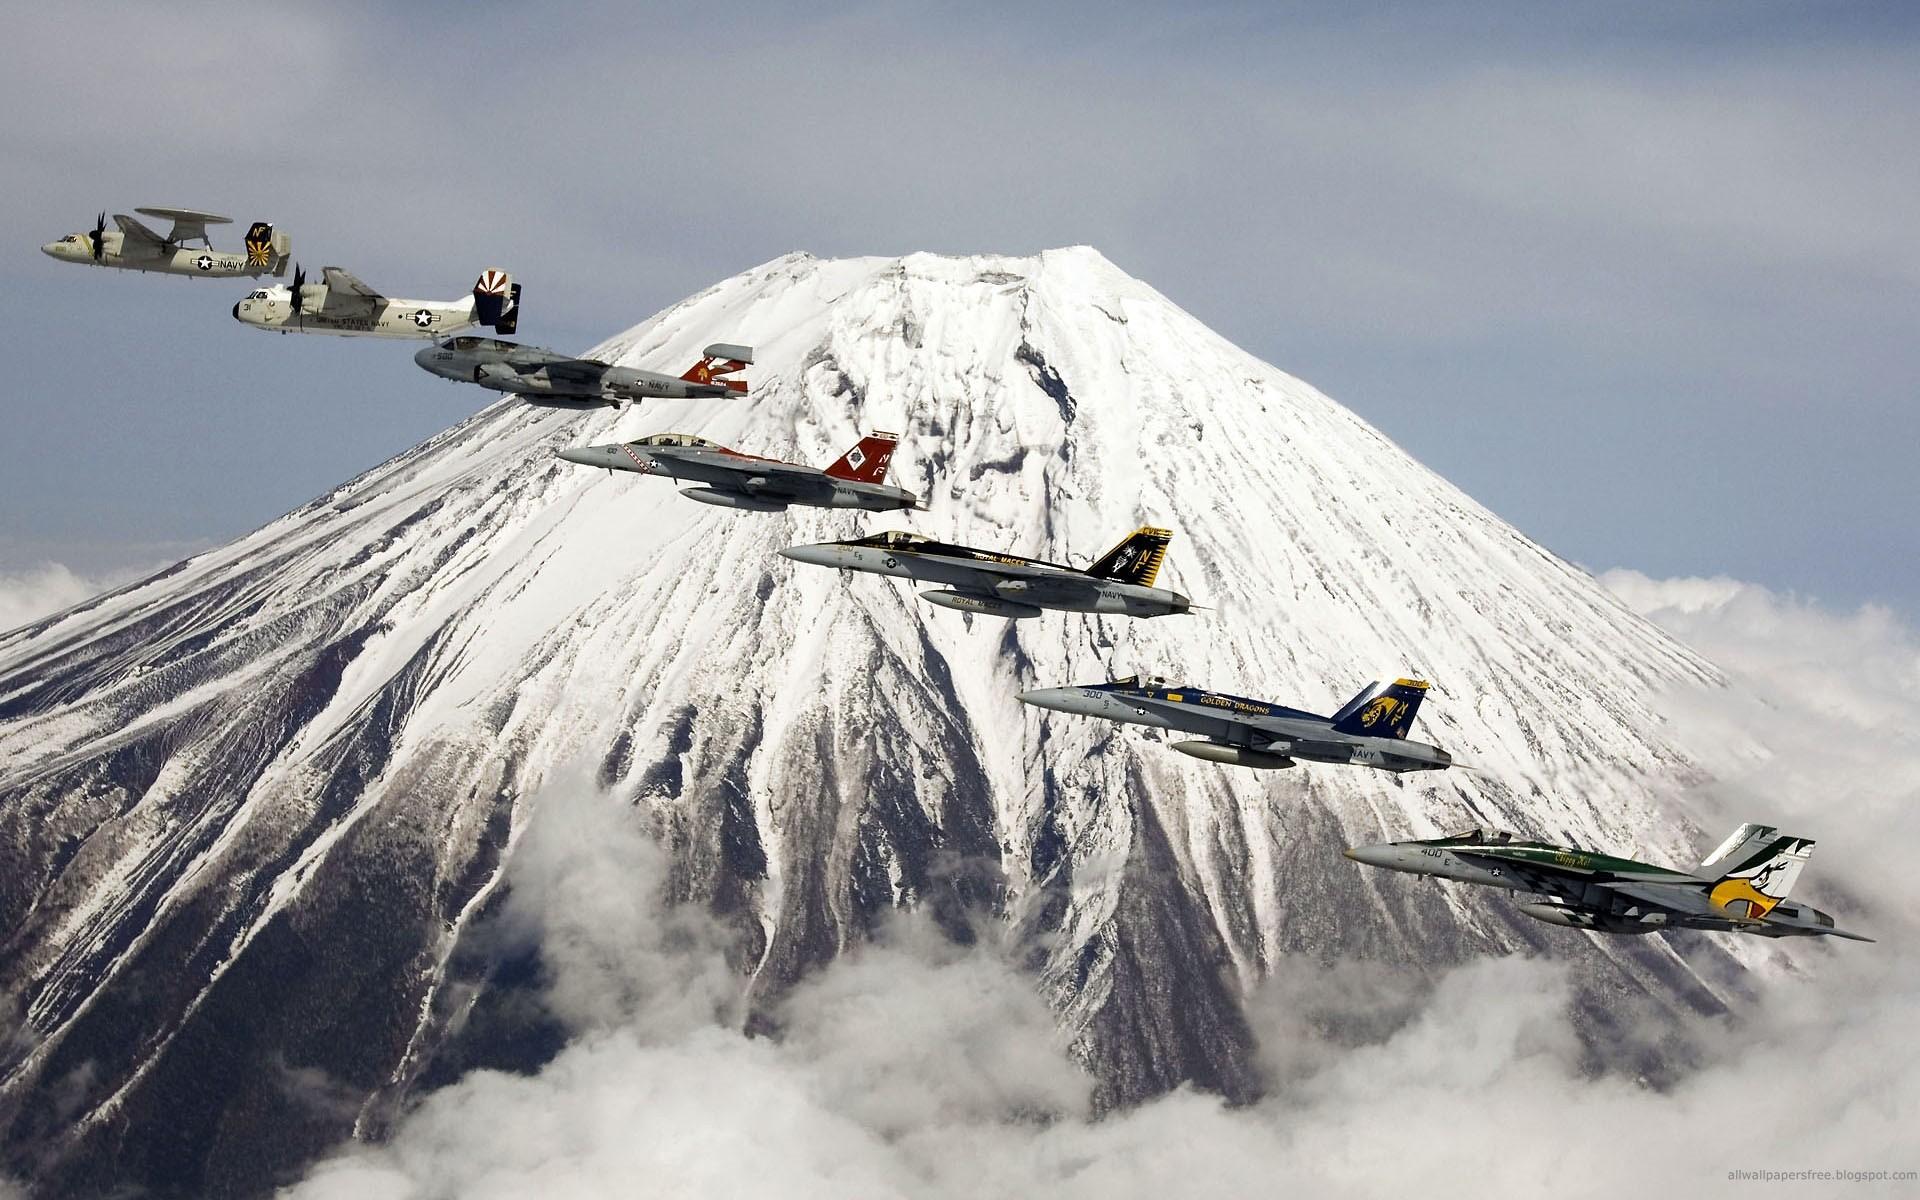 социальных летящий самолет на фоне вулкана в картинках диаграммы